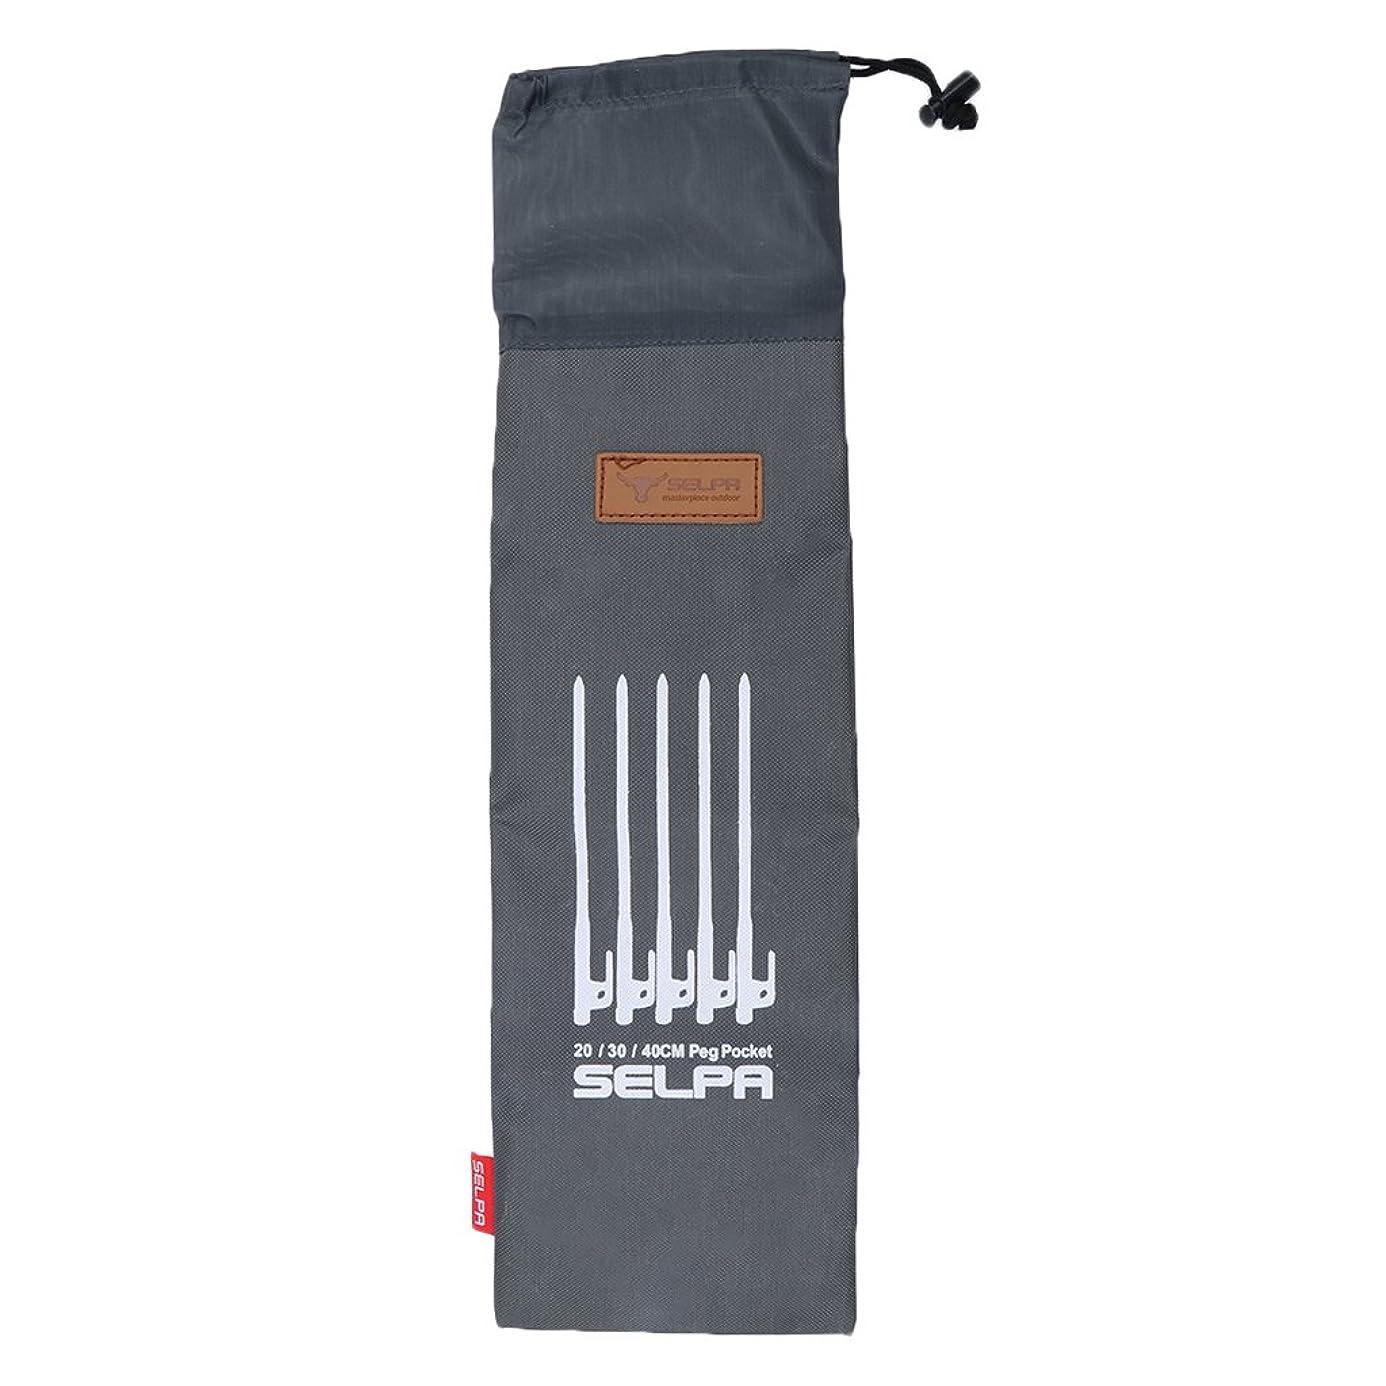 【ノーブランド 品】40cm ペグ用 屋外 キャンプ テント ペグ ネイルズ 収納袋 ハンマー ポーチ